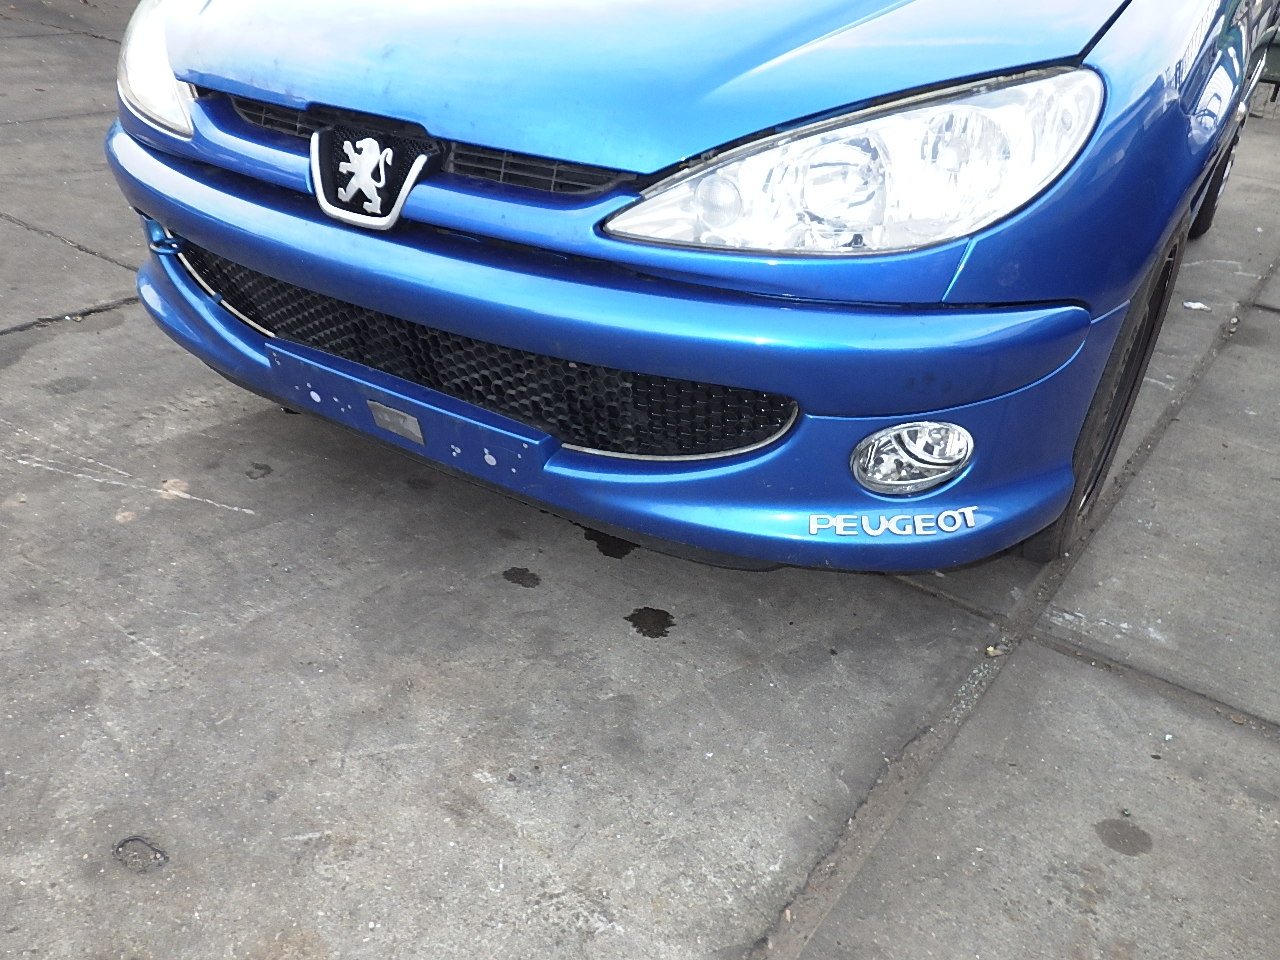 Front Bumper Peugeot 206 Hatchback 2a C 1 4 16v 7401n3 Peugeot B Parts